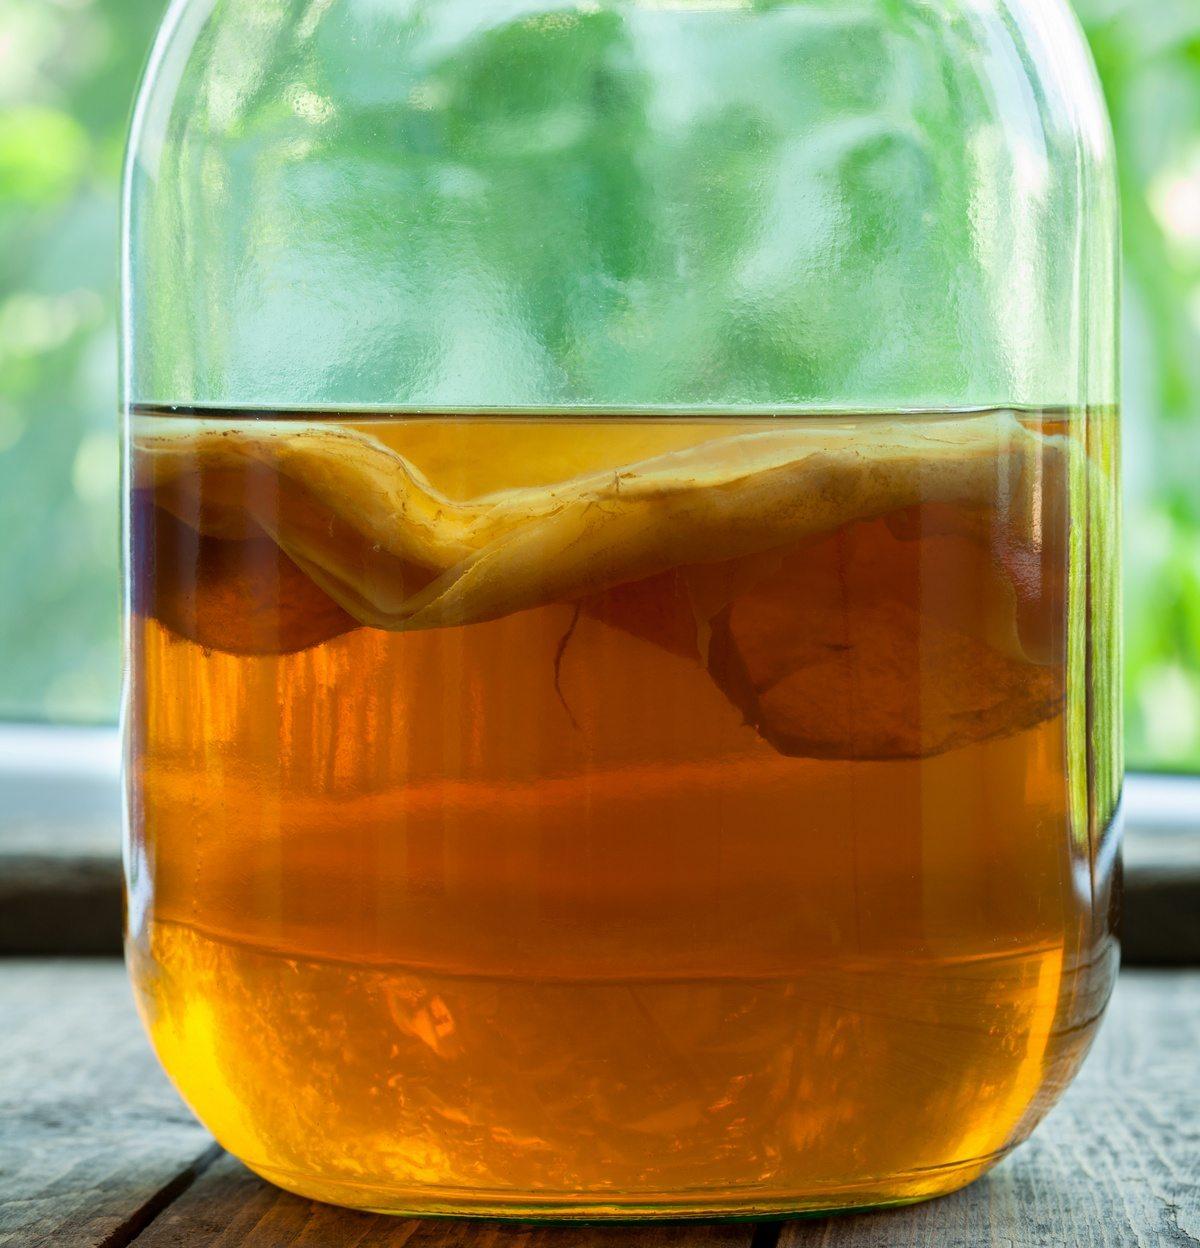 Специалисты назвали чайный гриб одним из главных фуд-трендов 2020 года. что происходит с организмом, если пить камбучу каждый день